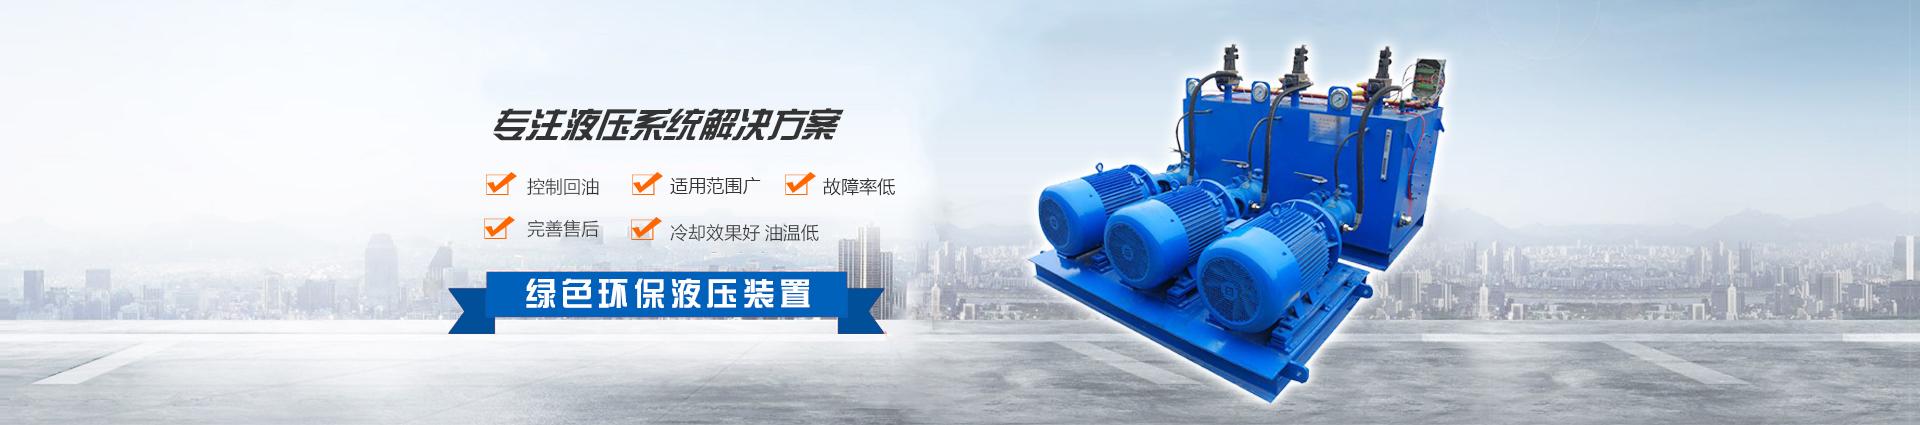 液压系统厂家